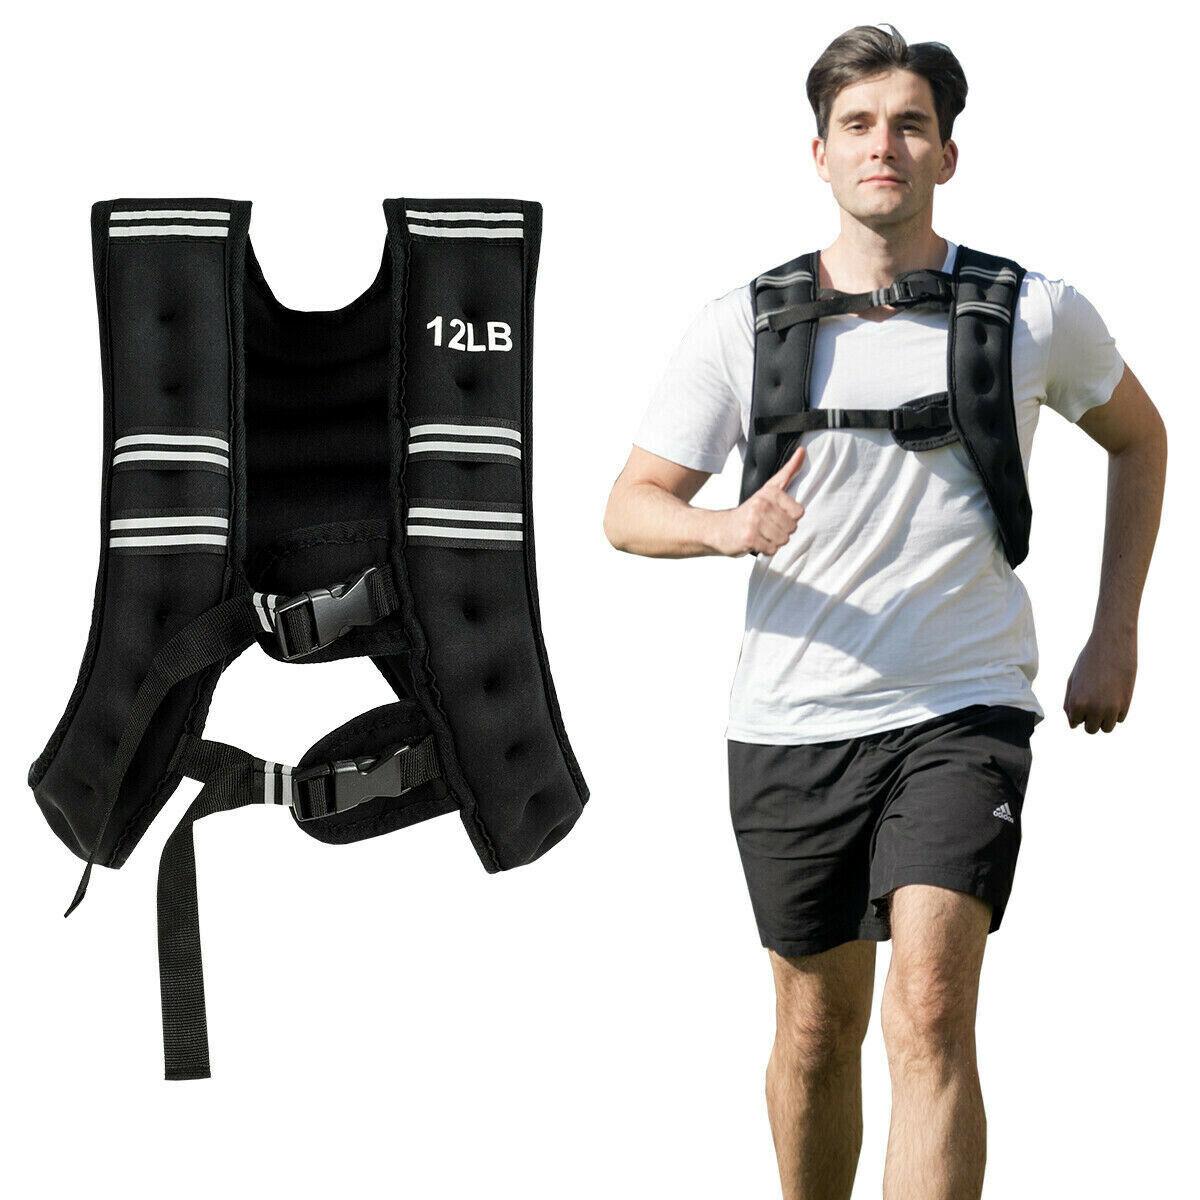 CHALECO con con con Pesas DE 12Lbs PARA Caminar Correr Hacer ejercicio alta resistencia 0ce